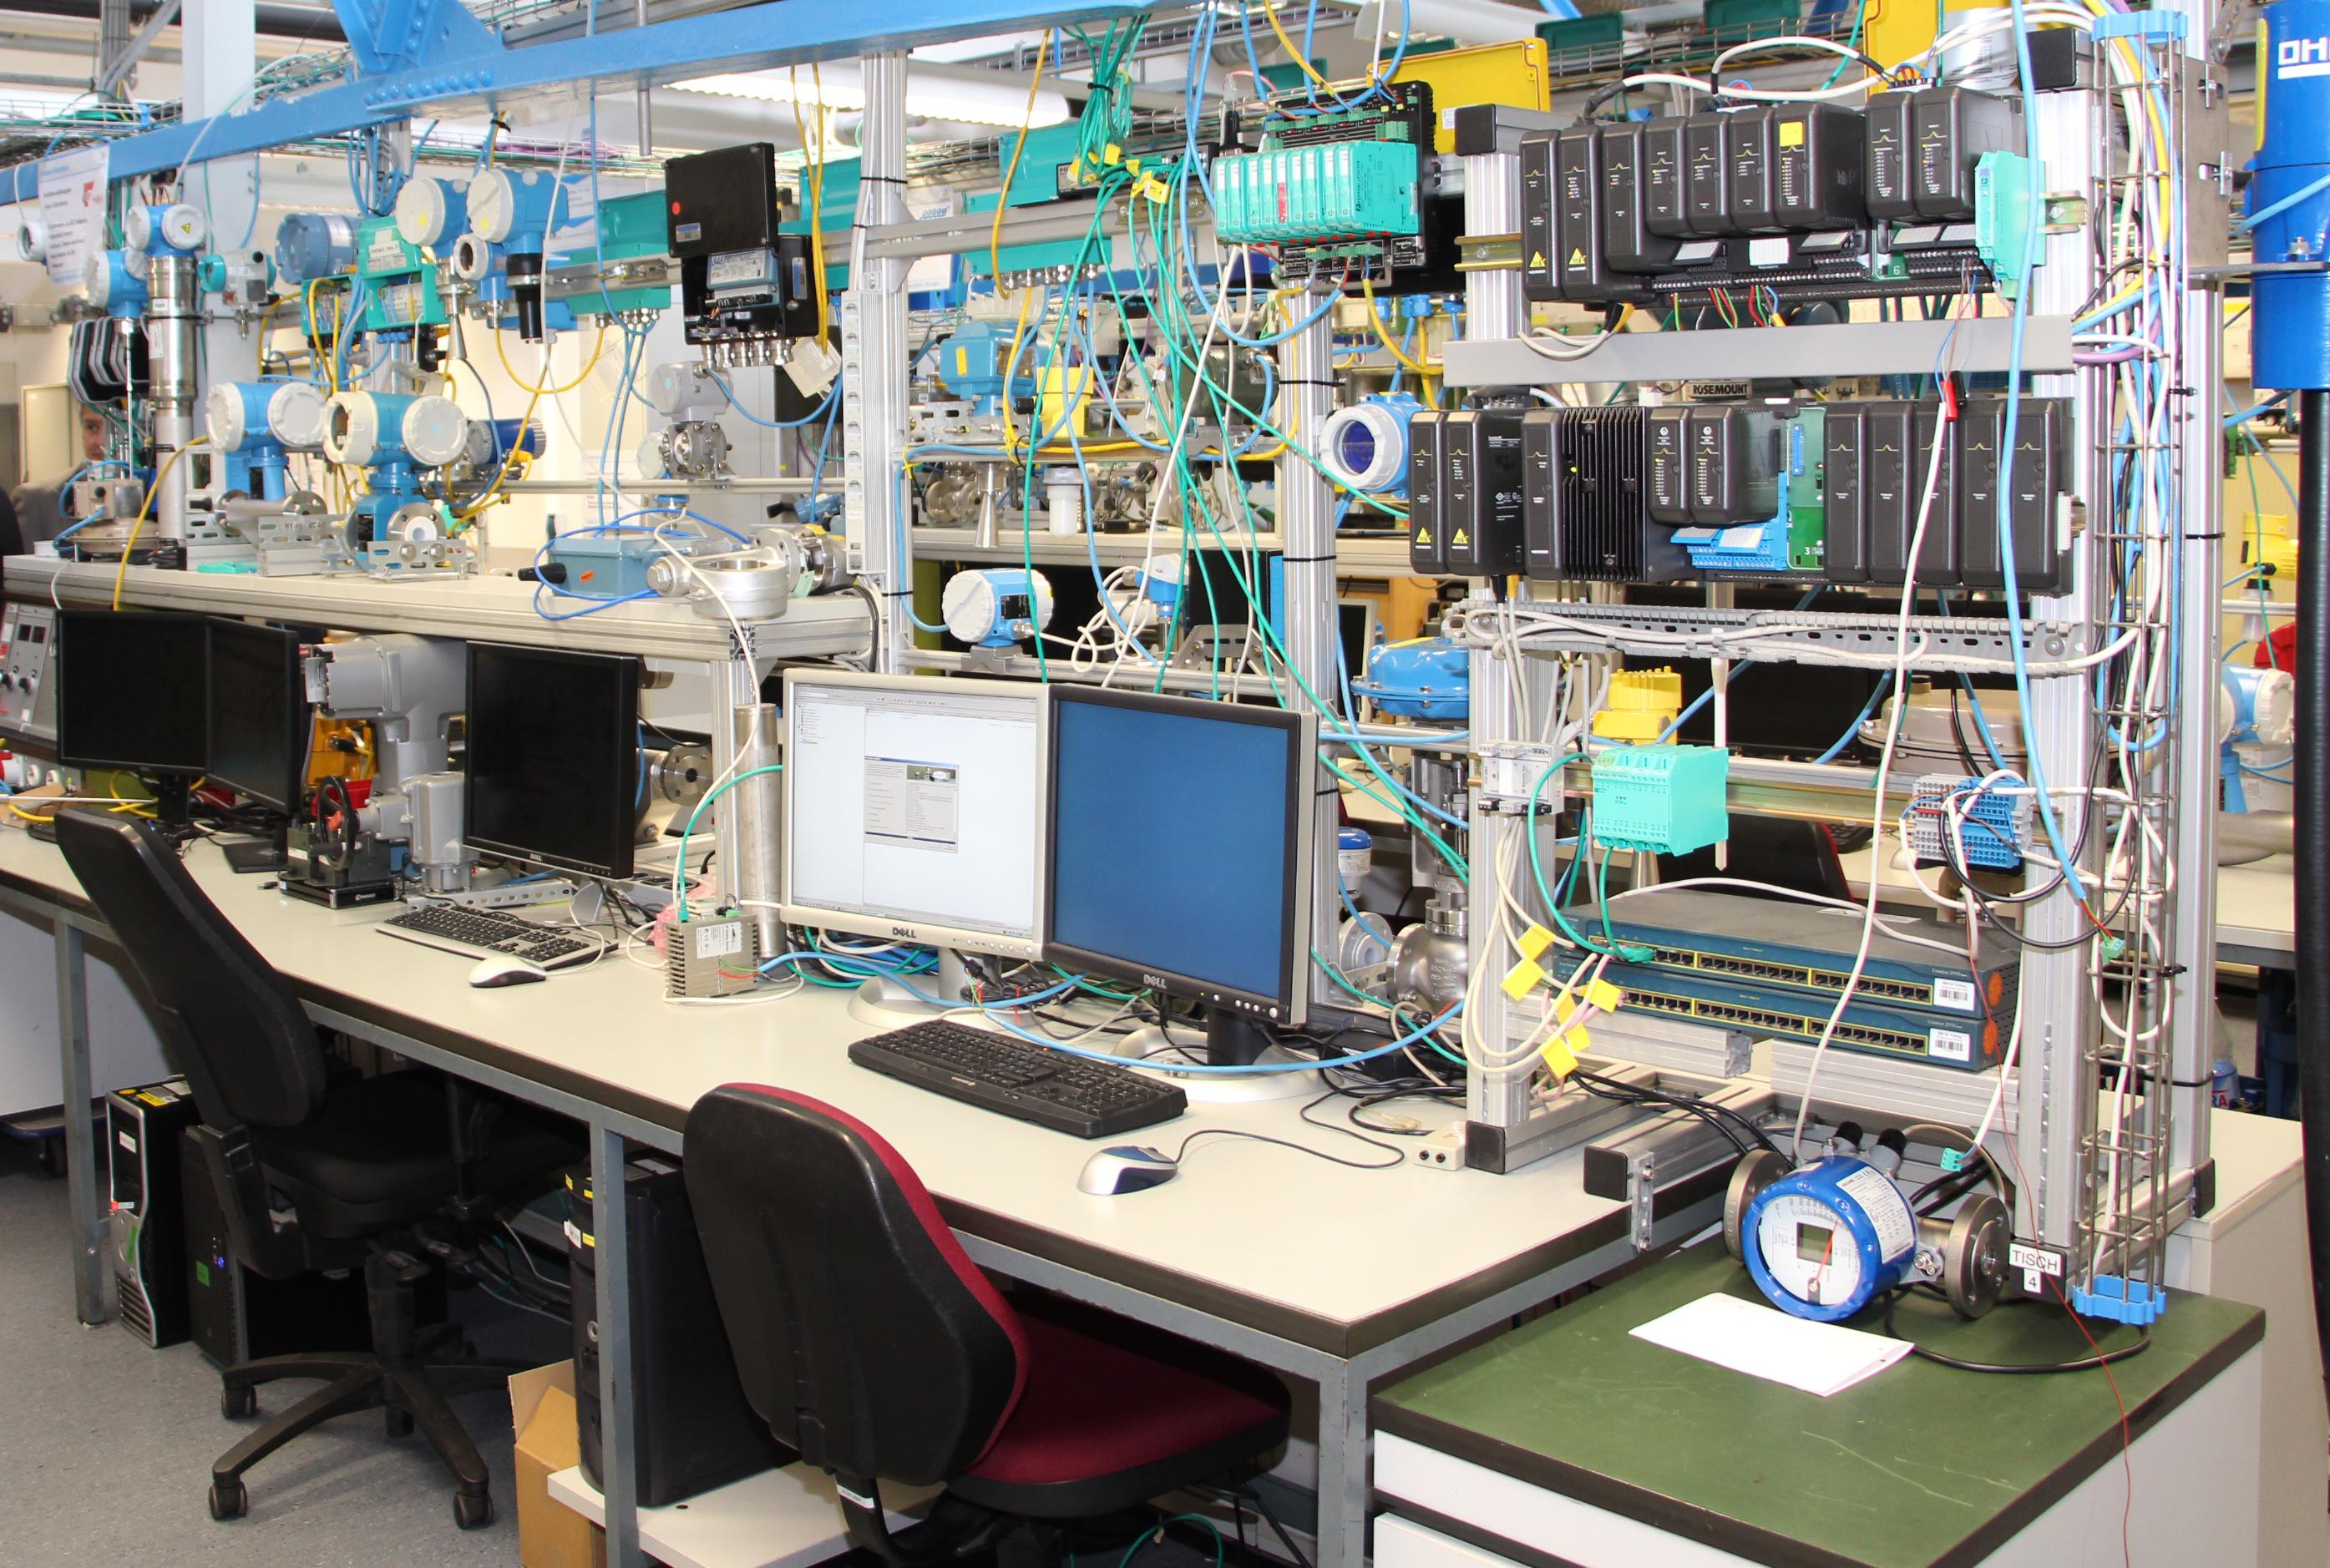 Einblick in das Prüflabor für Testanlage(n) der Bilfinger Maintenance